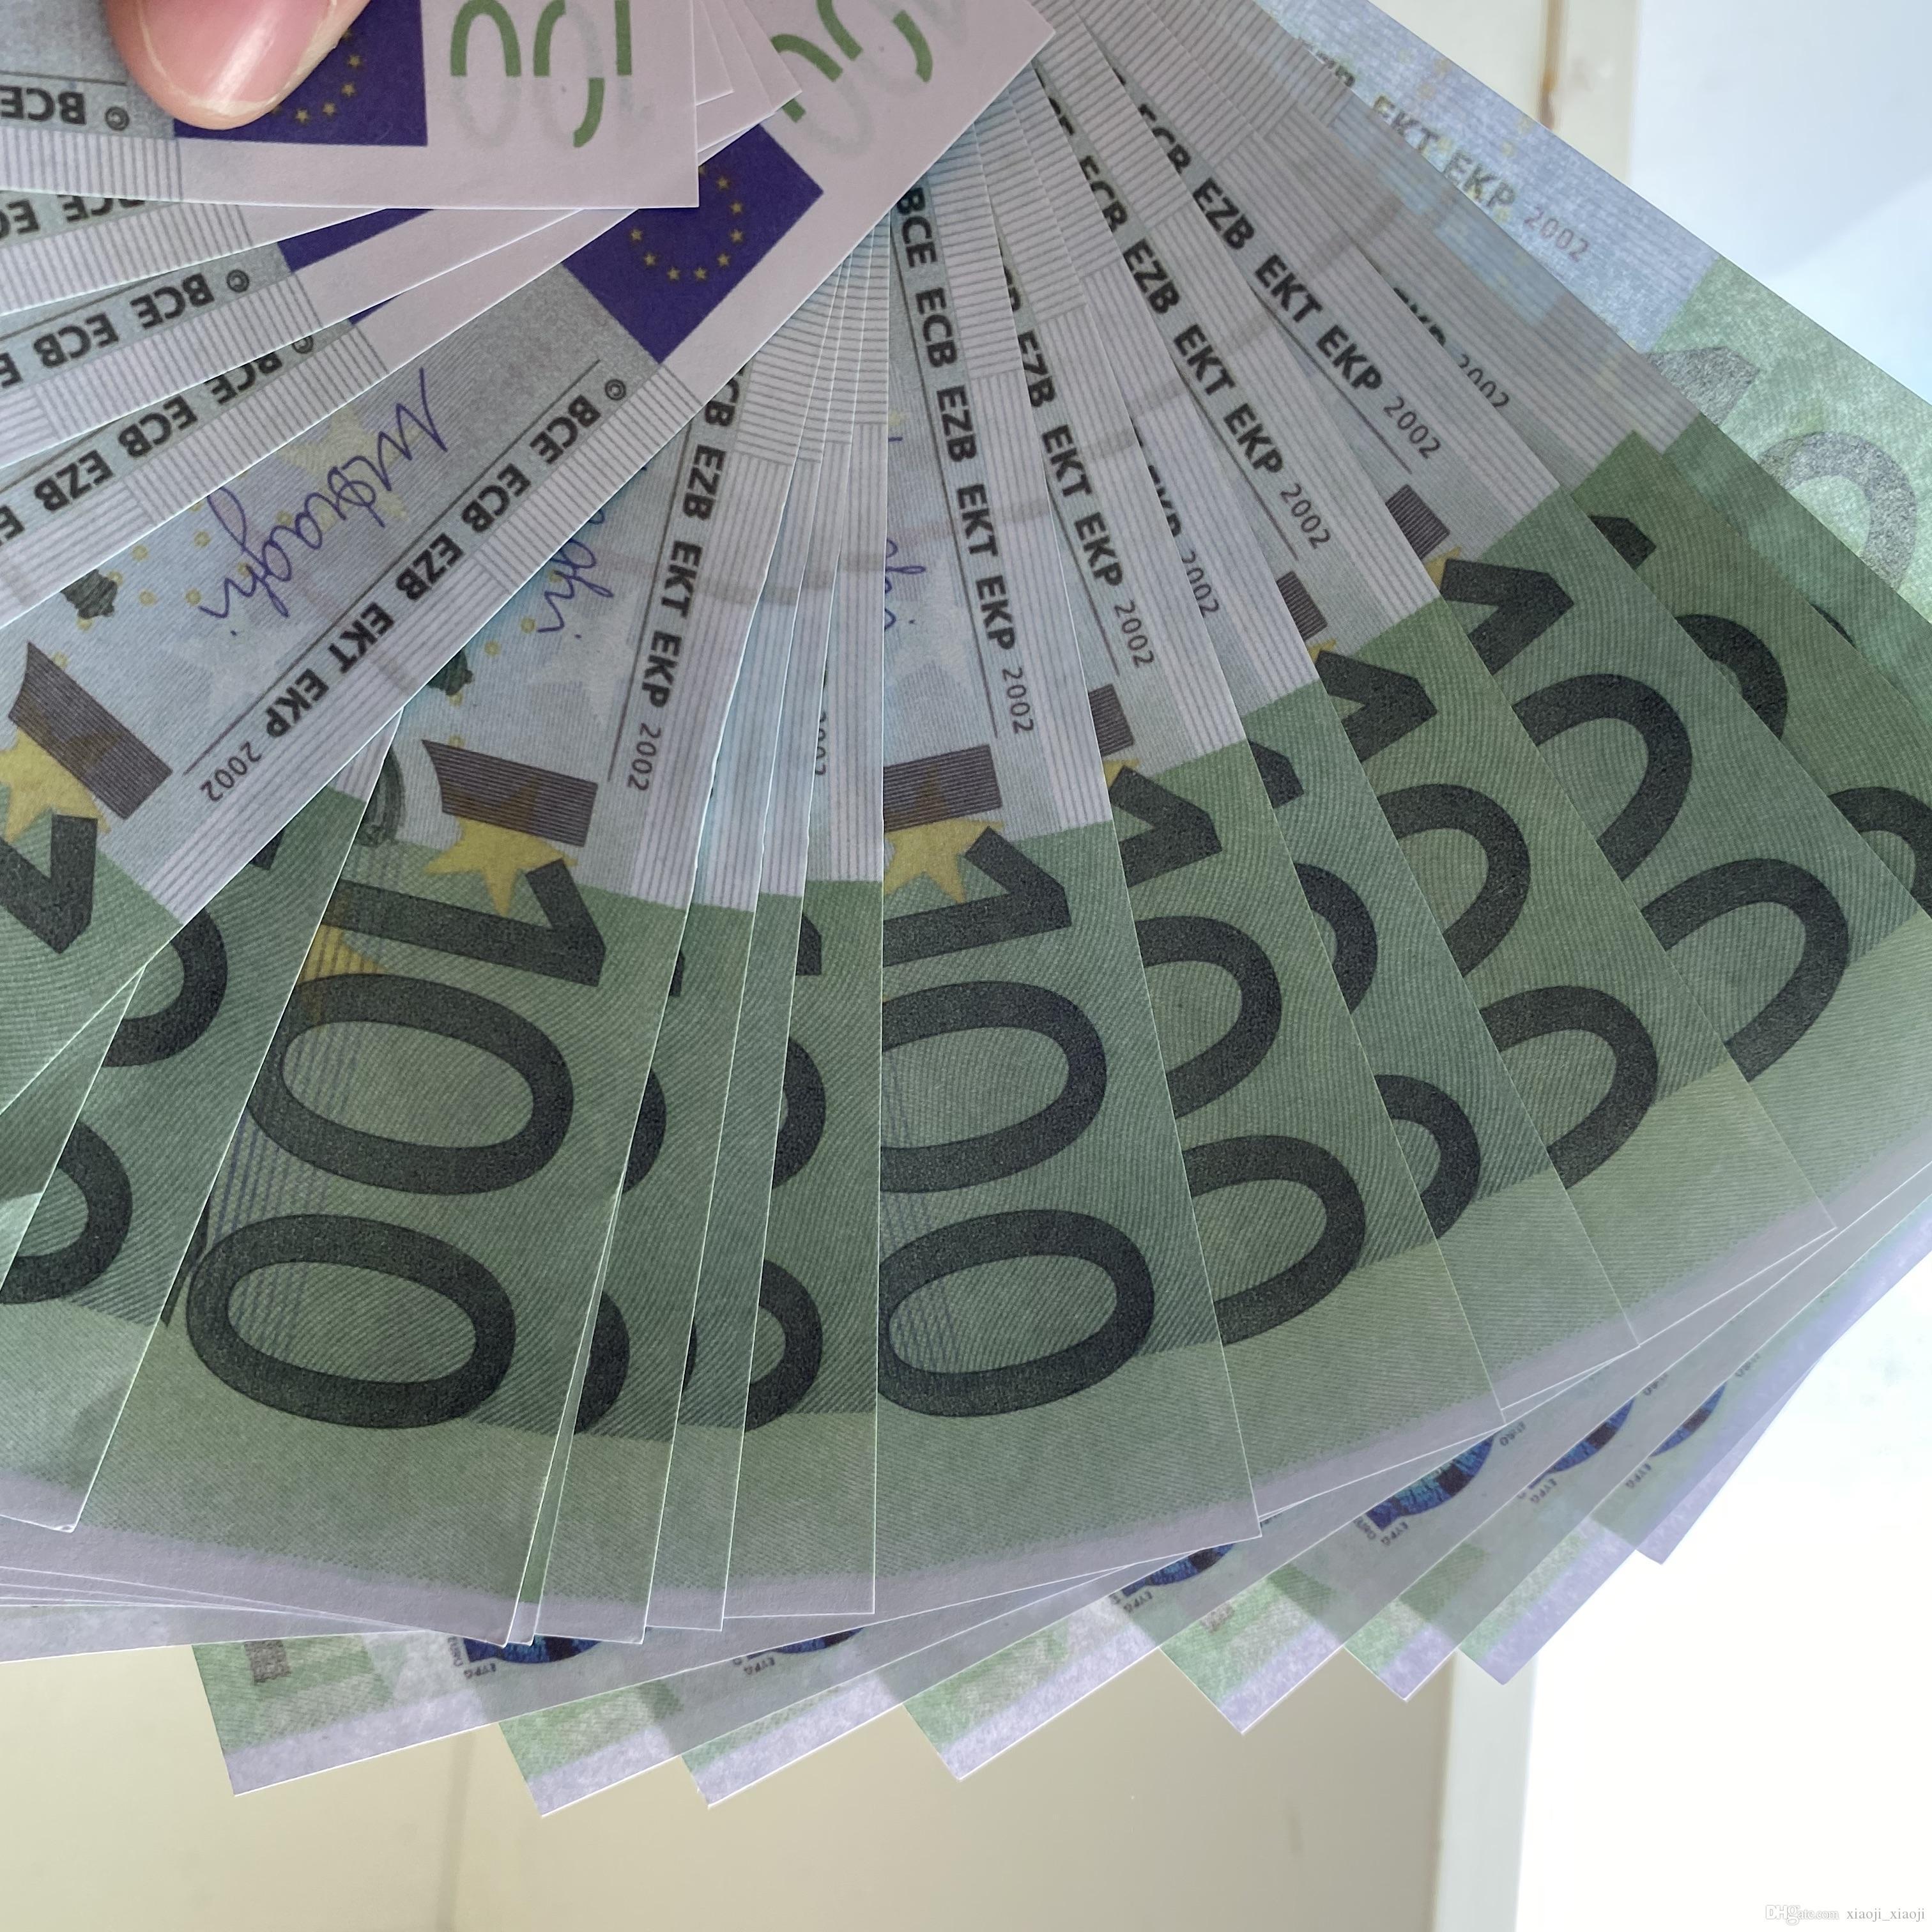 Plus d'argent Réaliste Game Family Toy236 Billet de banque Enfants / Euro / Dollar ou 100pcs / Pack US Copy Paper Prop VQWEL